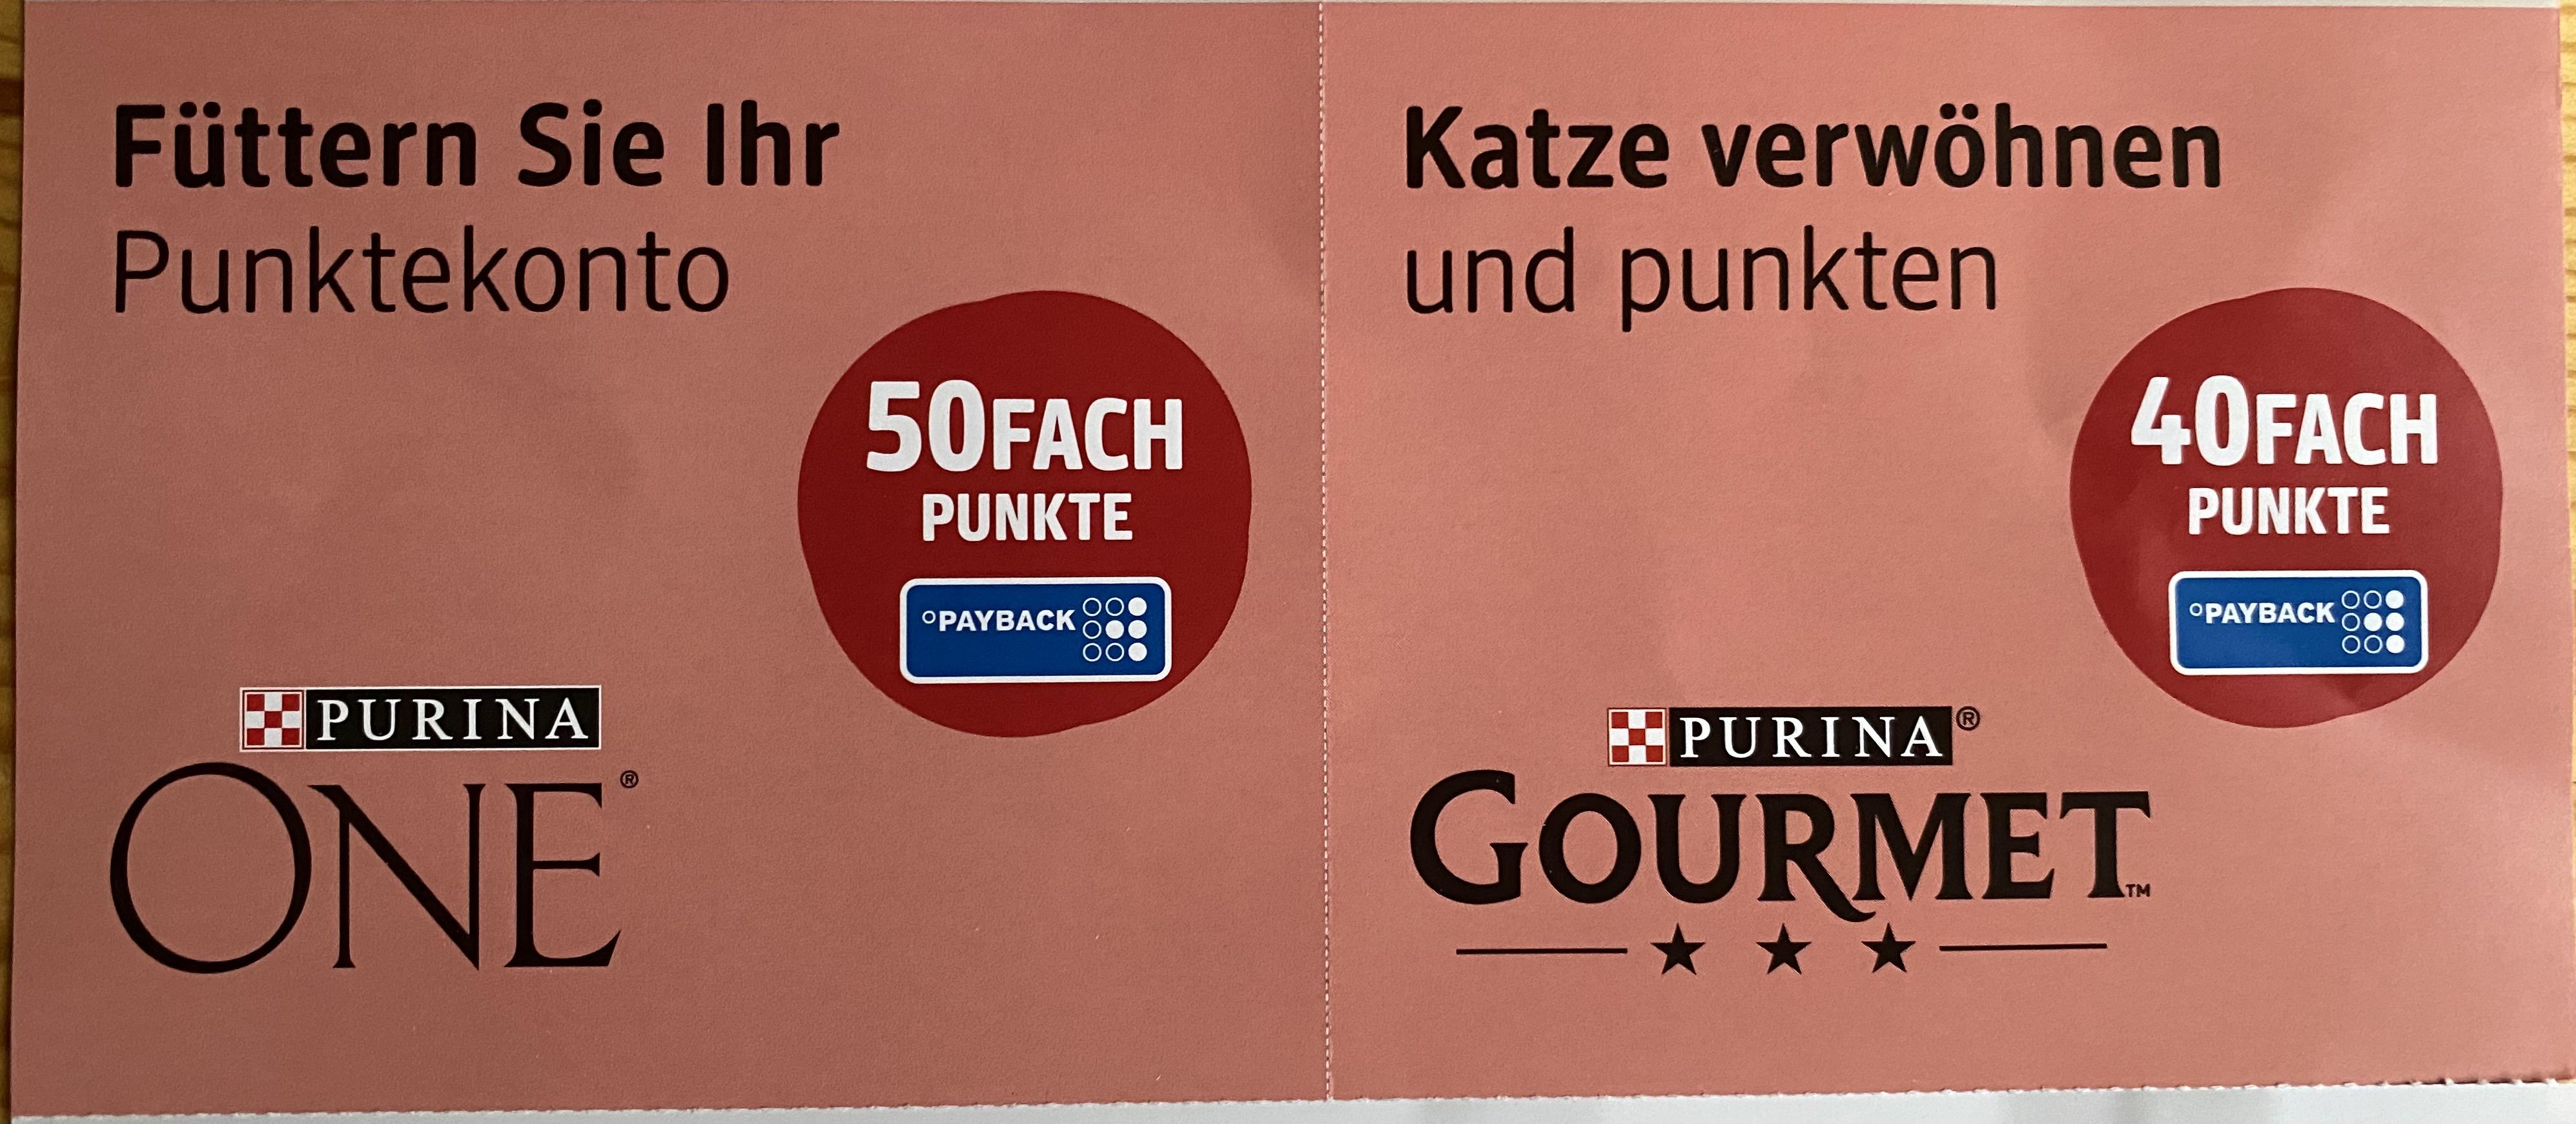 [DM / Payback] 40/50fach Punkte auf Purina GOURMET/ONE | gültig bis zum 11.07.2021